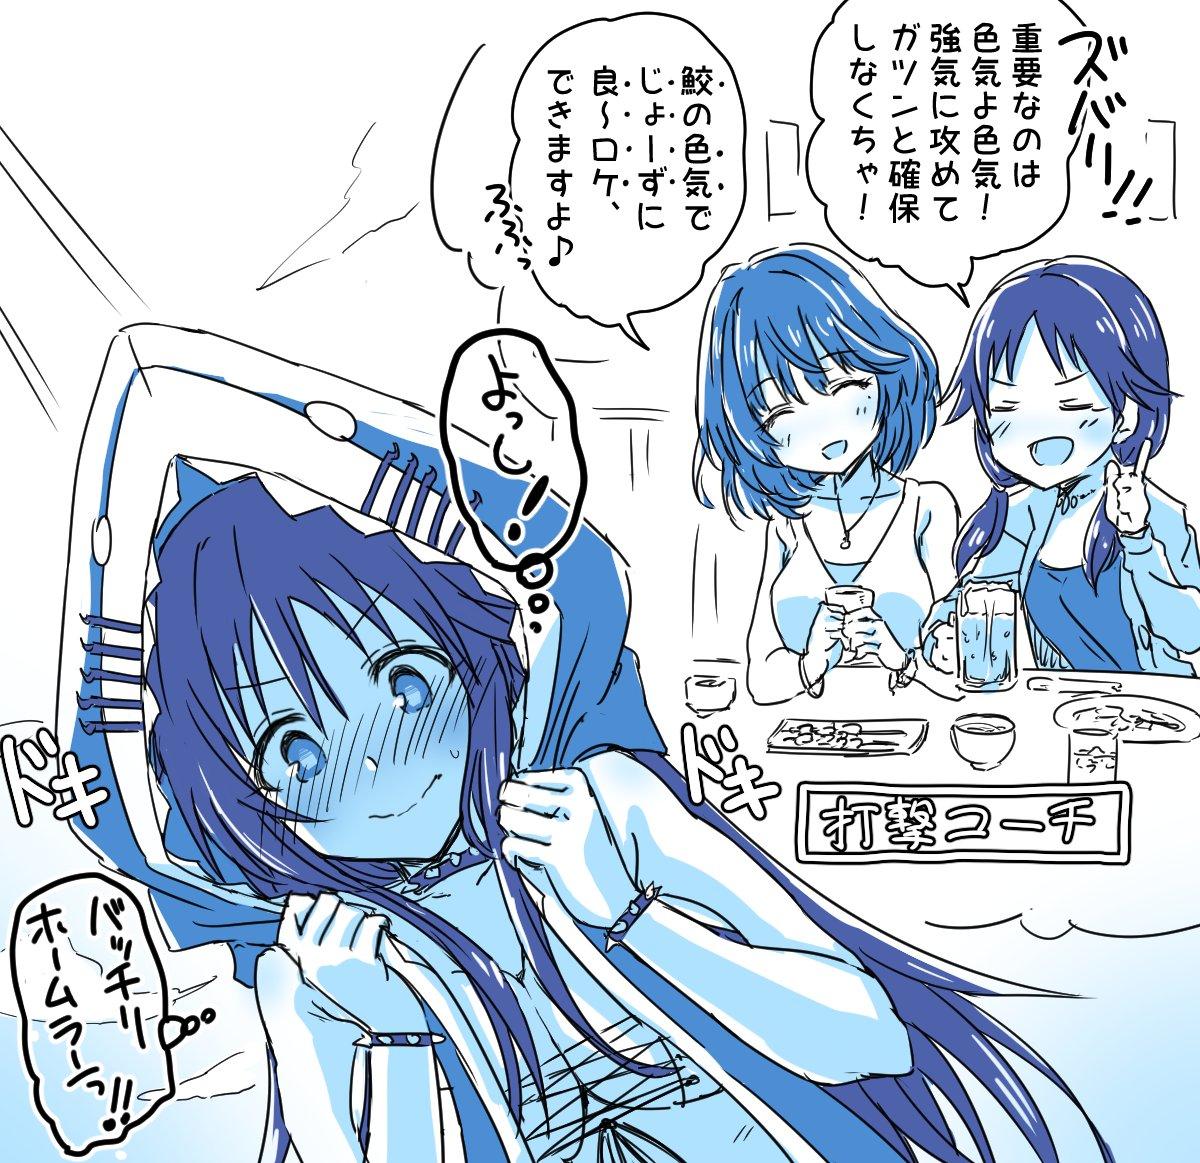 鮫姫川友紀のセリフ攻めすぎだったんで捏造